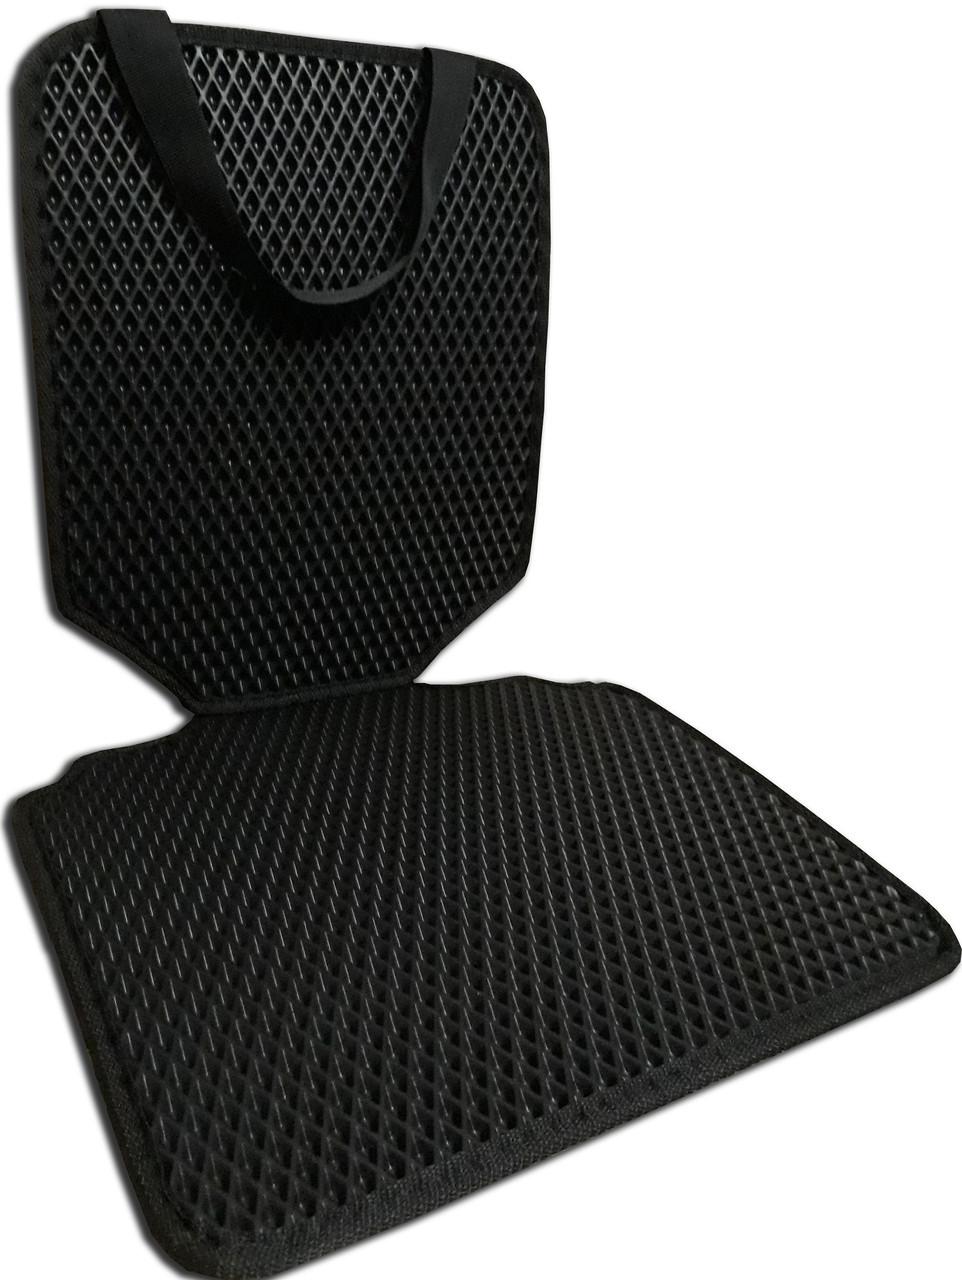 Защитный коврик под детское автокресло. Цвет черный. Детские автокресла, аксессуары